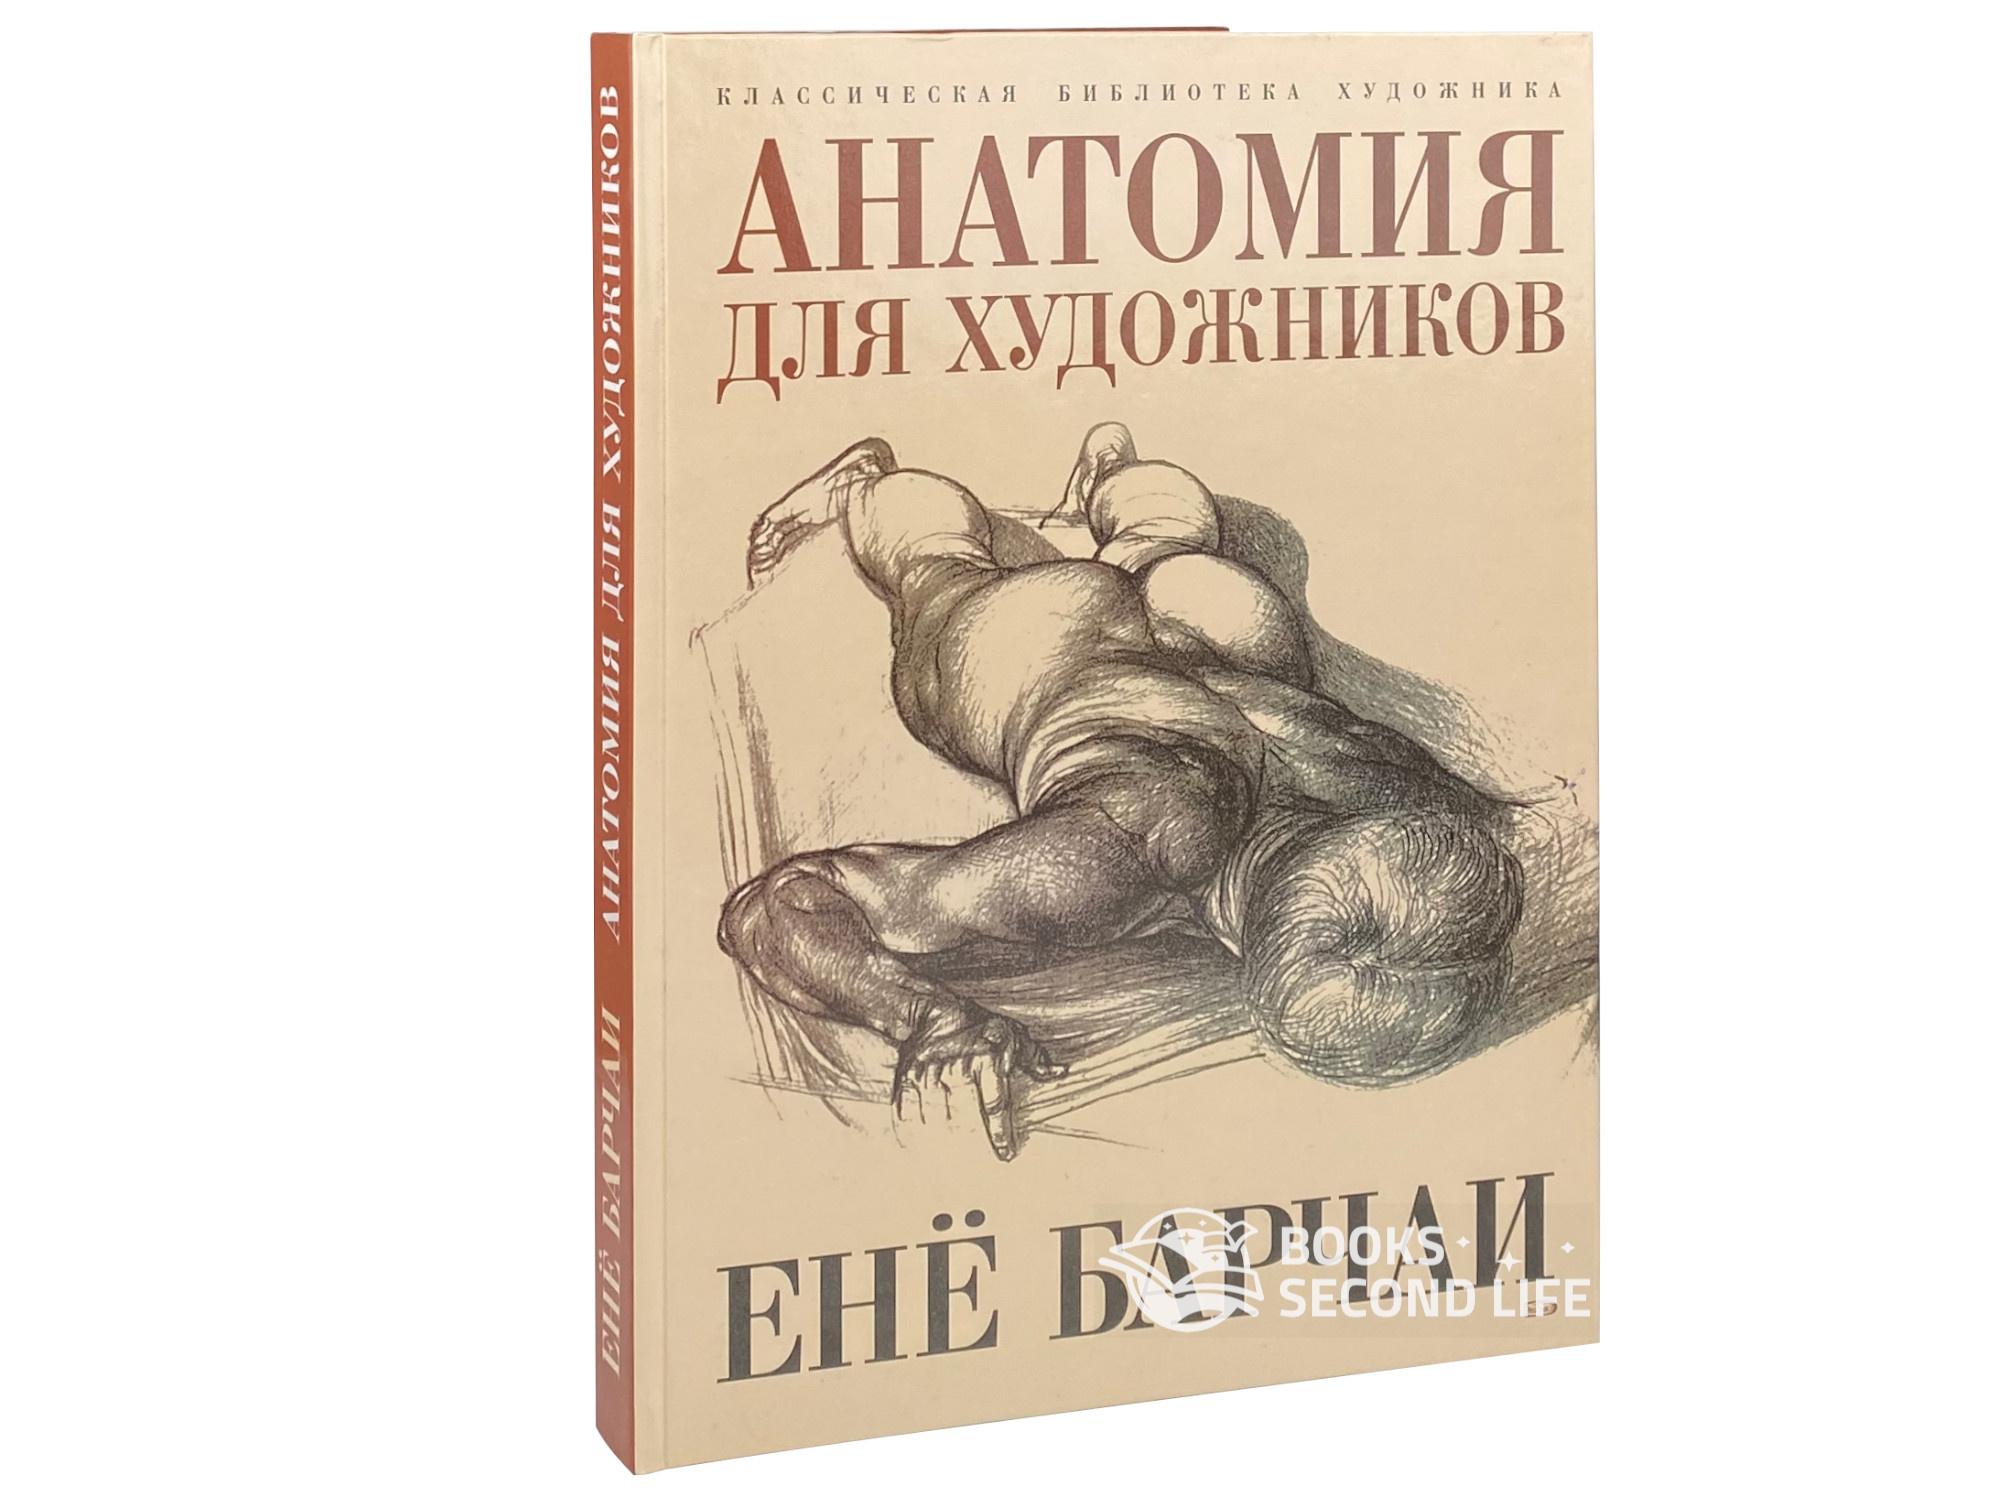 Анатомия для художников. Автор — Енё Барчаи. Переплет —